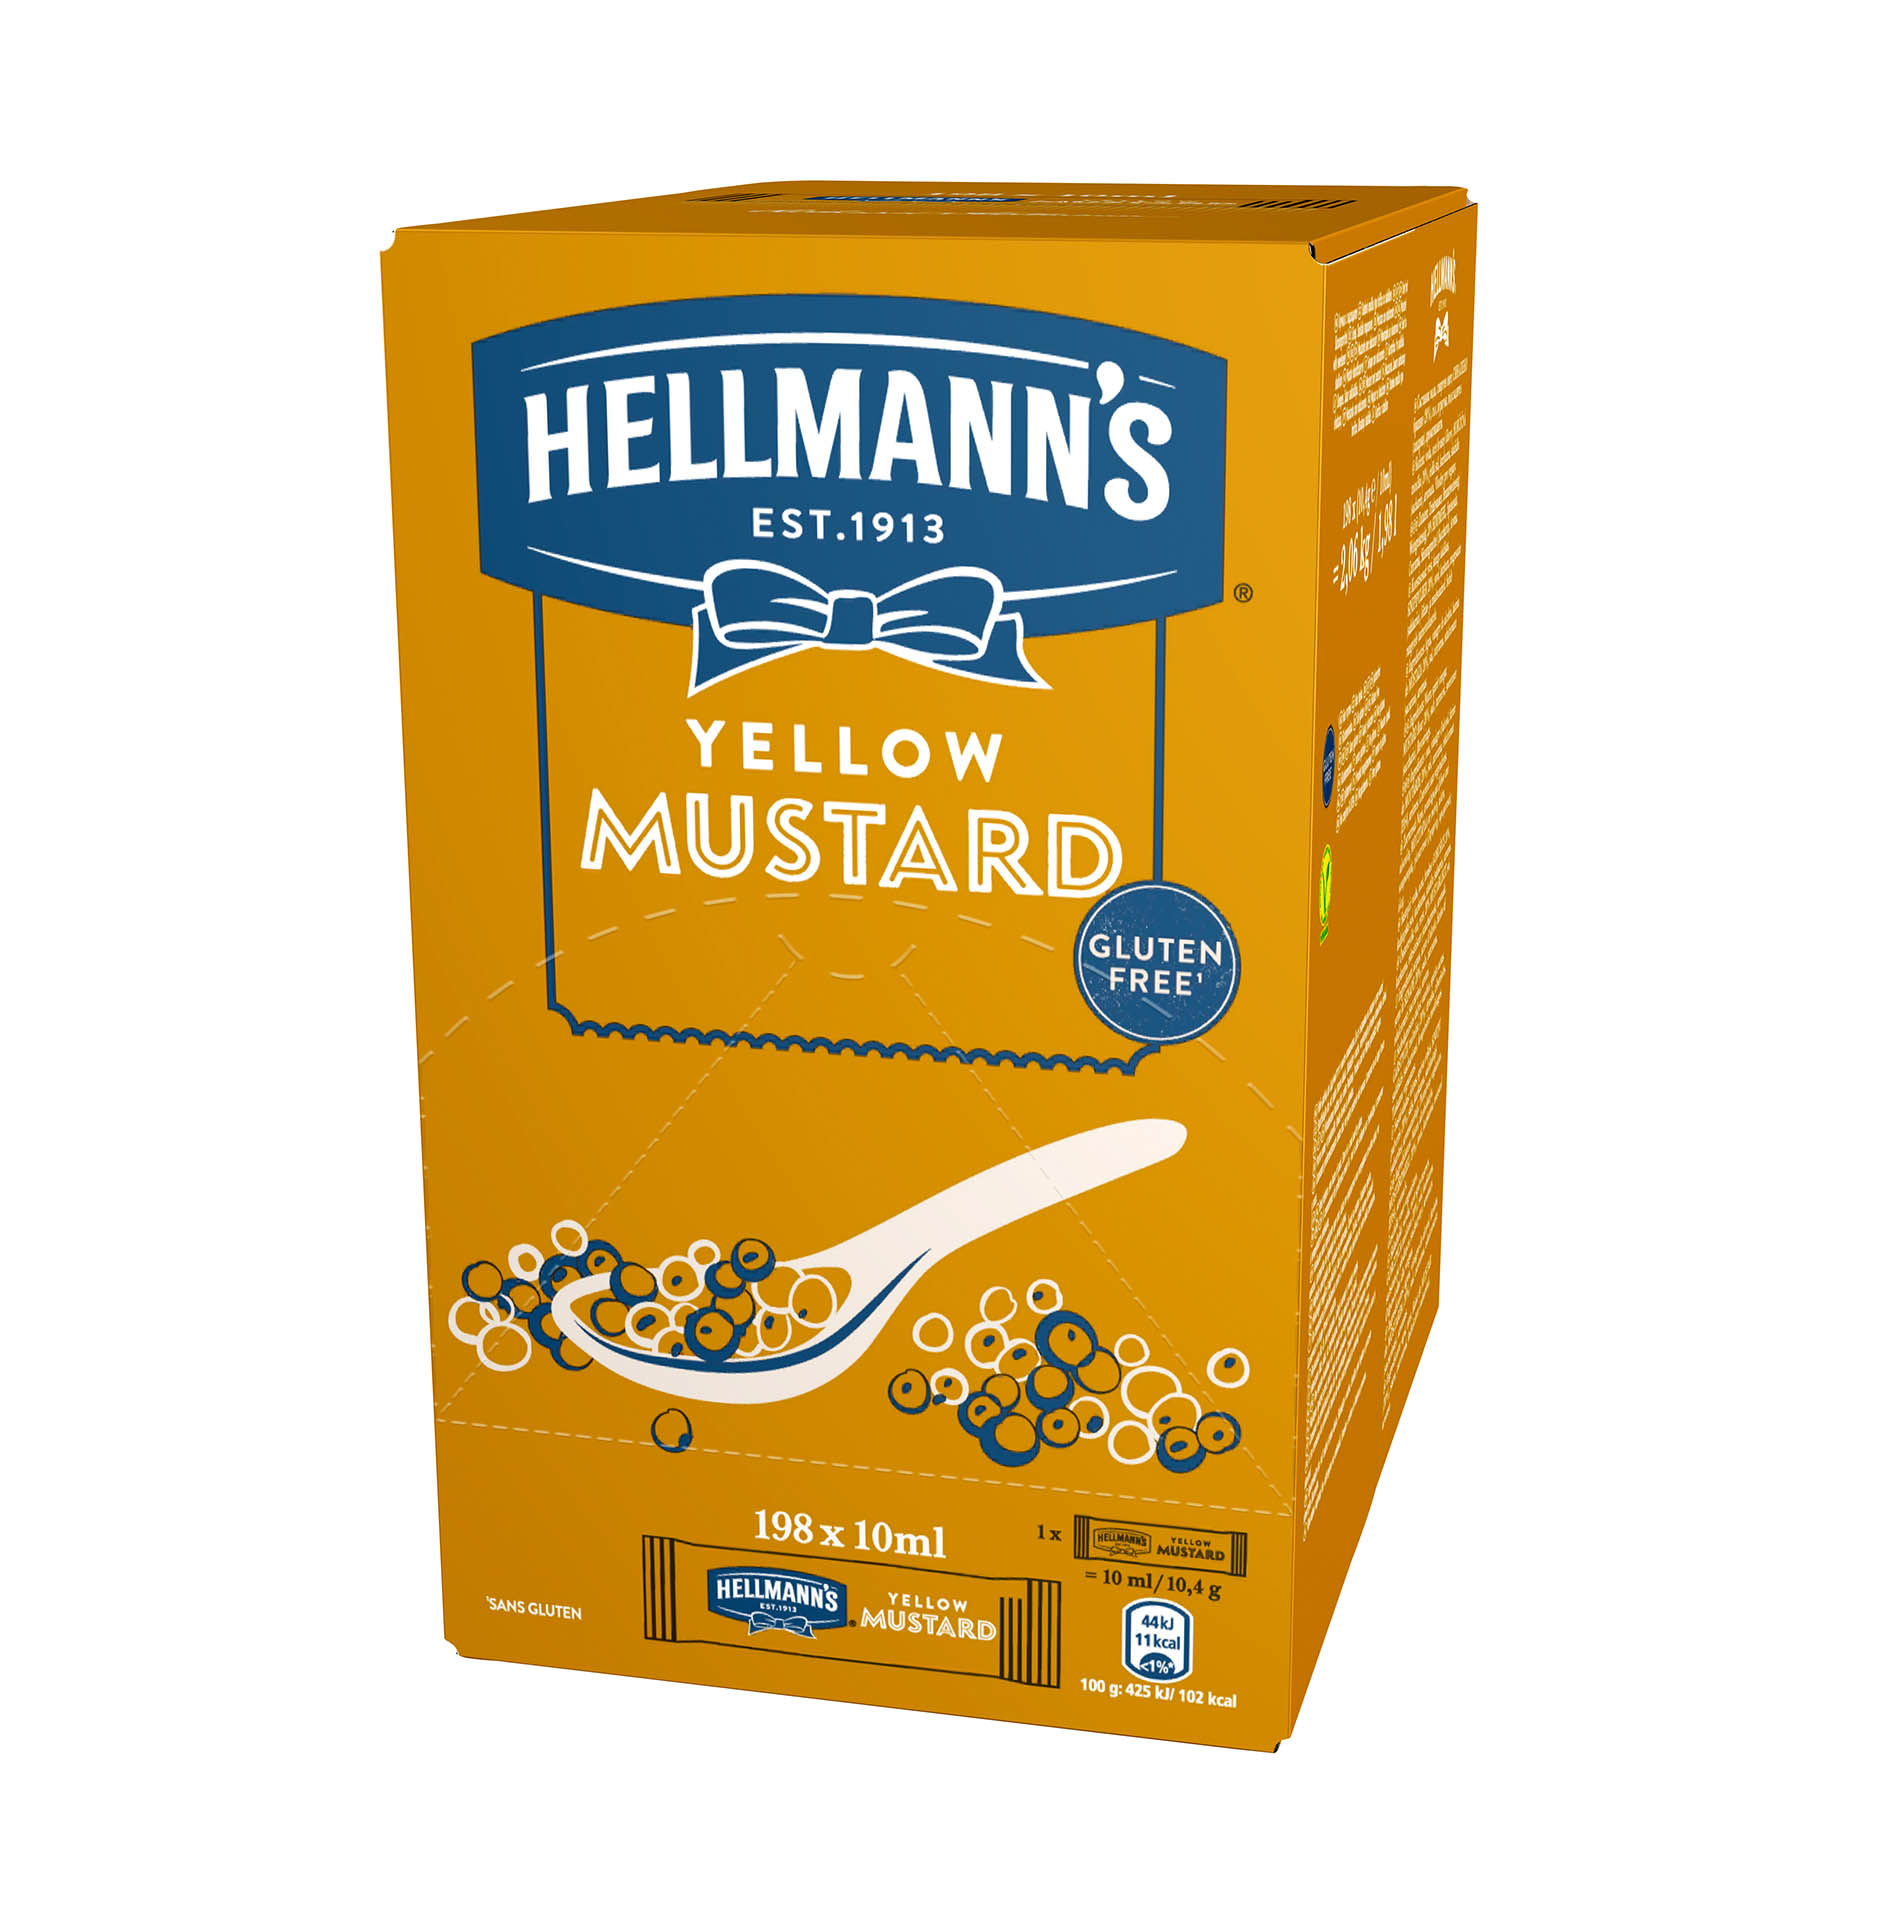 Hellmann's Yellow Mustard